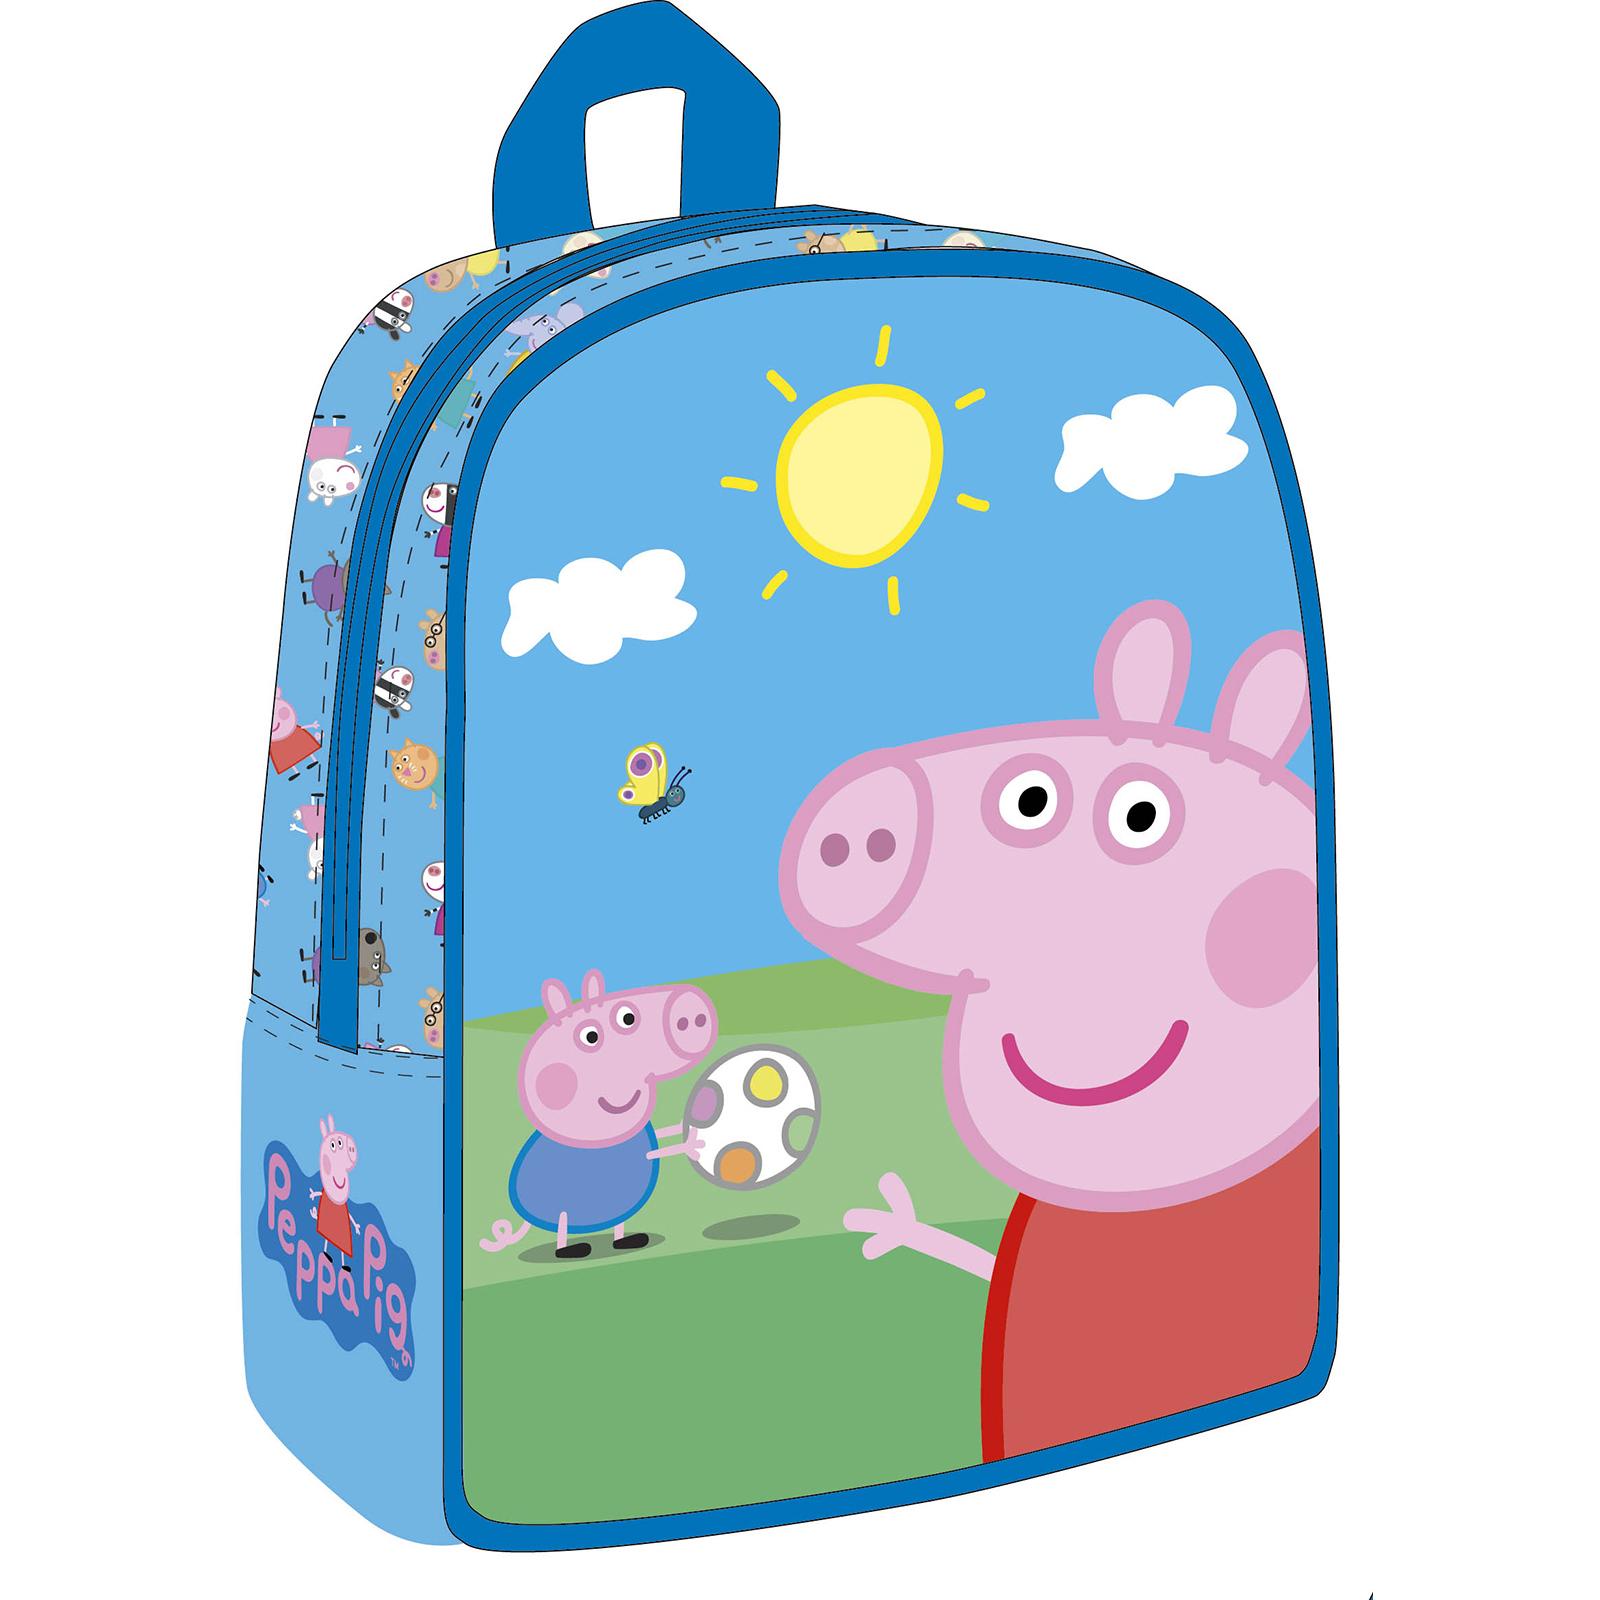 Дошкольный рюкзачок Свинка Пеппа, среднийДошкольный рюкзачок от бренда Росмэн выполнен в голубом цвете и украшен изображением Свинки Пеппы - популярного персонажа одноименного мультсериала. Портфель имеет одно отделение, застегивающееся на молнию. Лямки рюкзака регулируются, позволяя ребенку приспособить его под себя. Рюкзак выполнен из водонепроницаемой ткани, которая убережет содержимое портфеля от попадания влаги.<br>